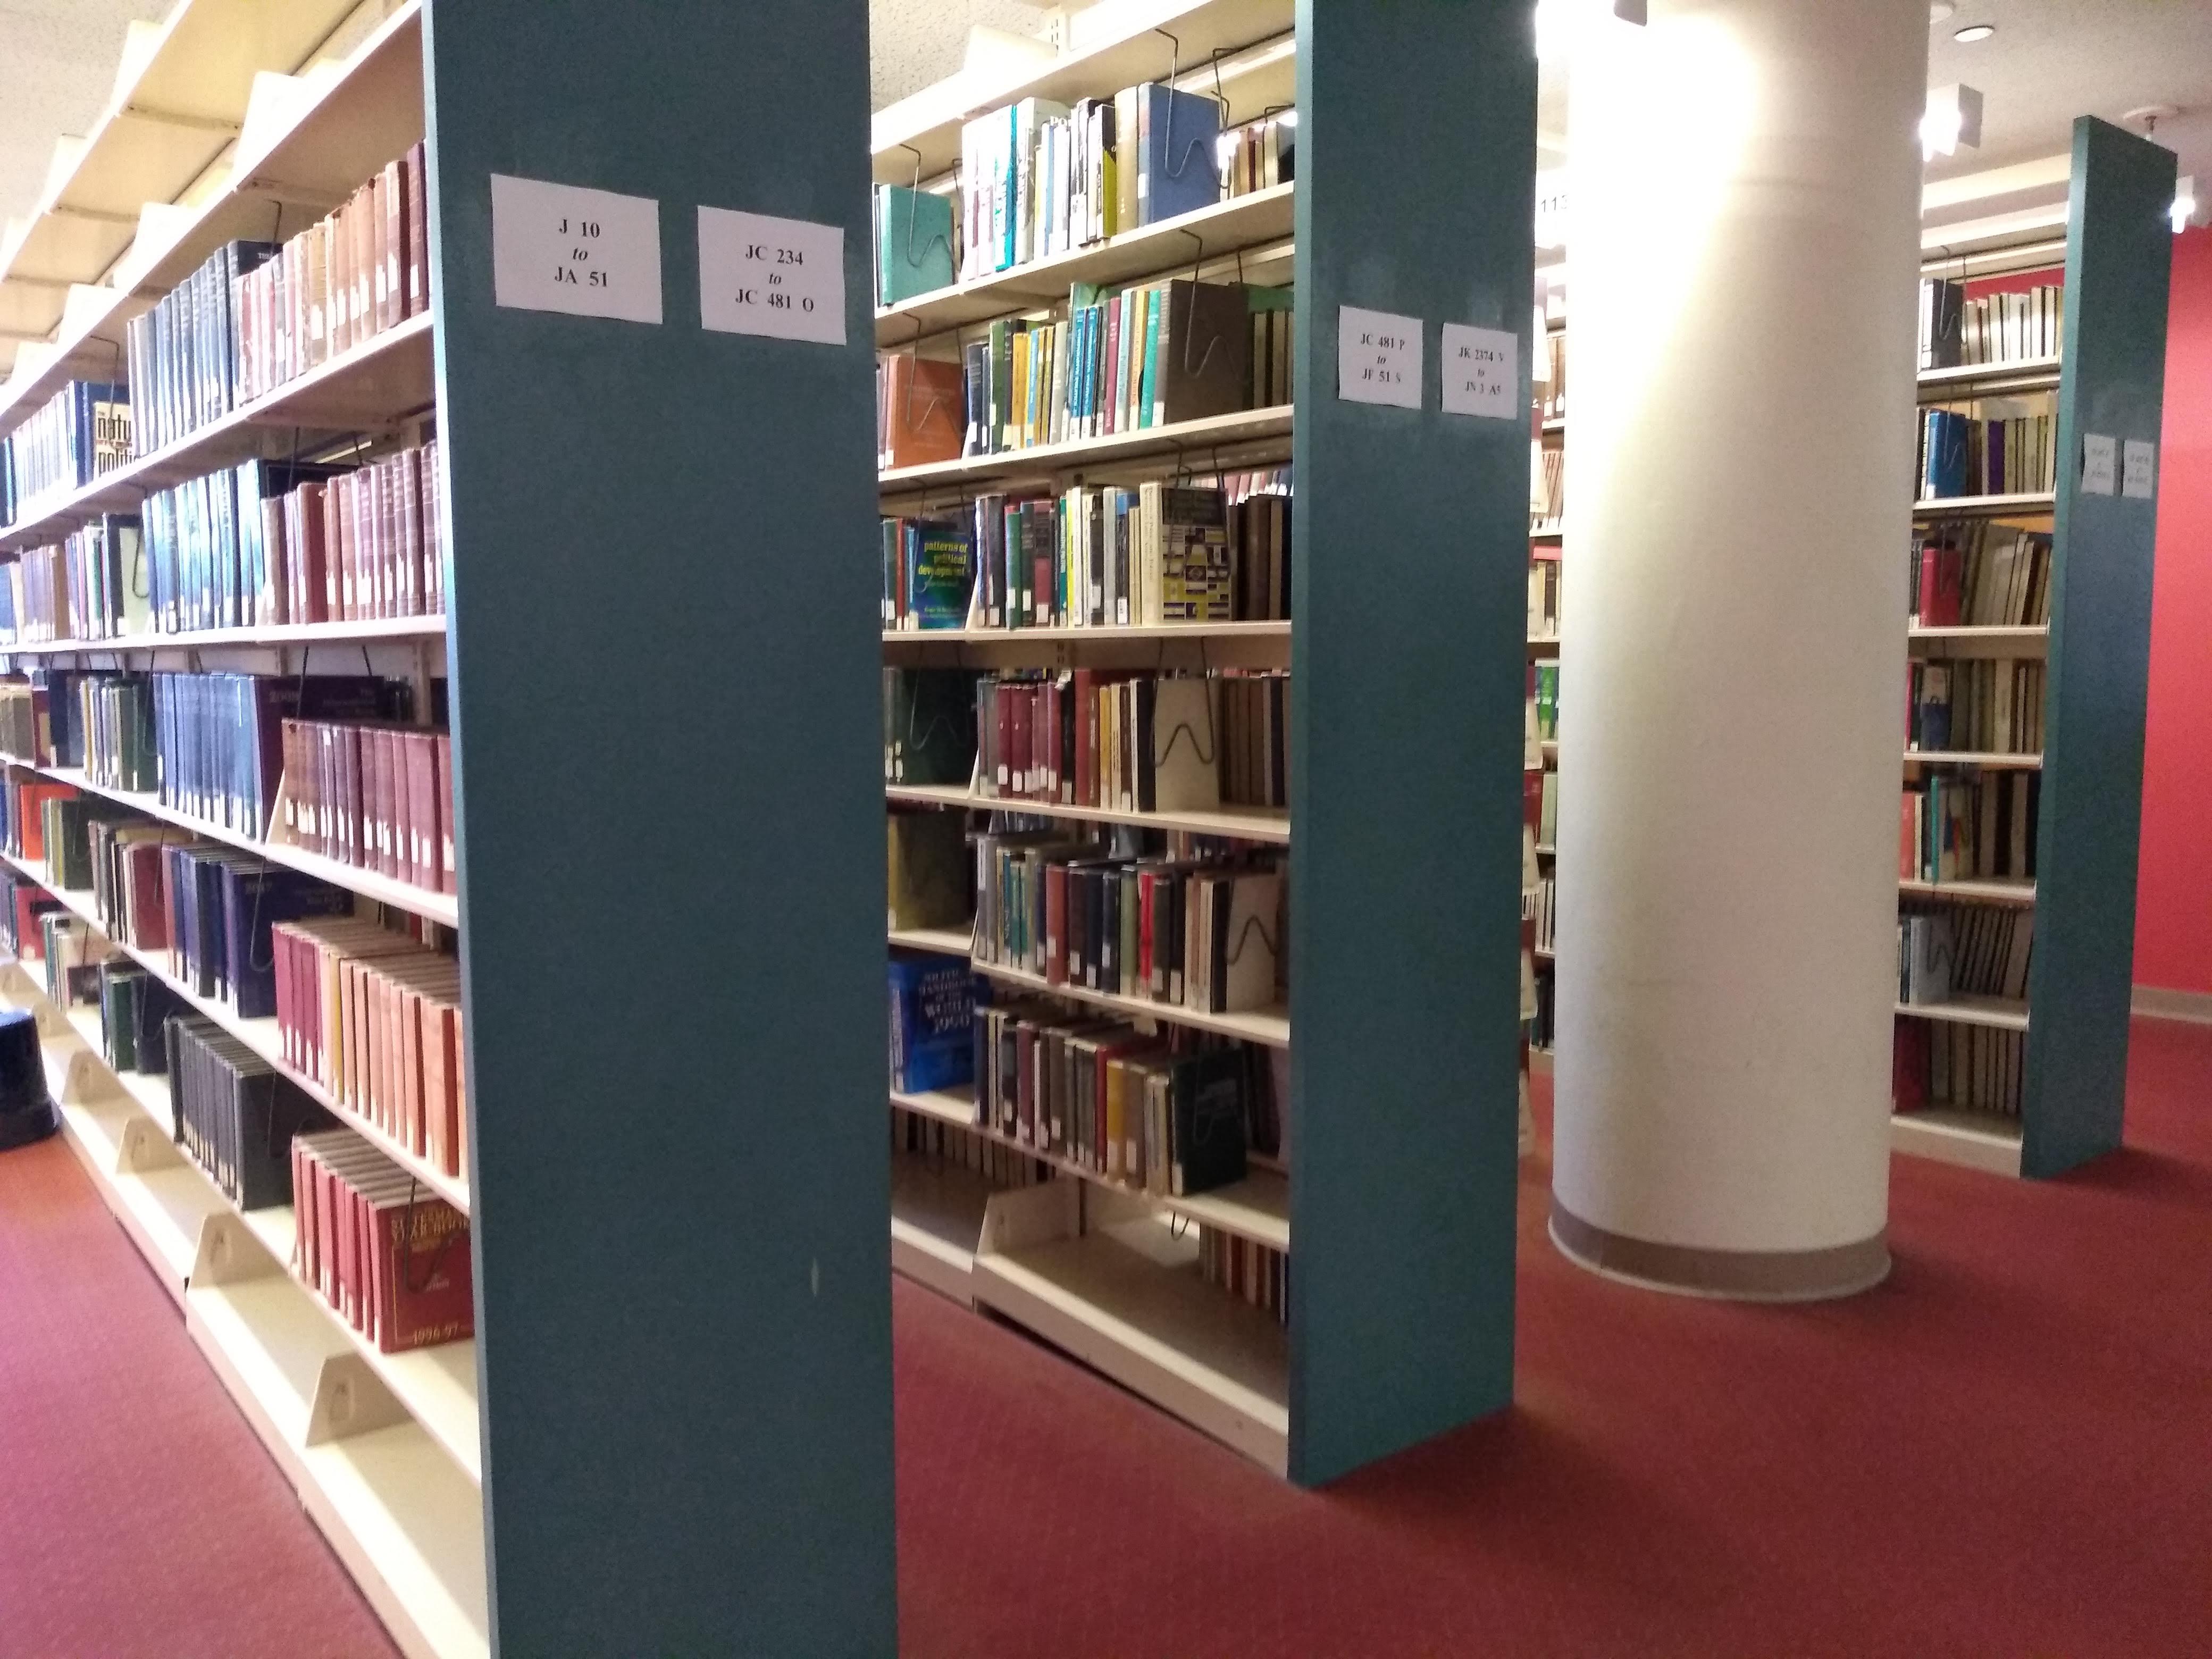 Books J-L